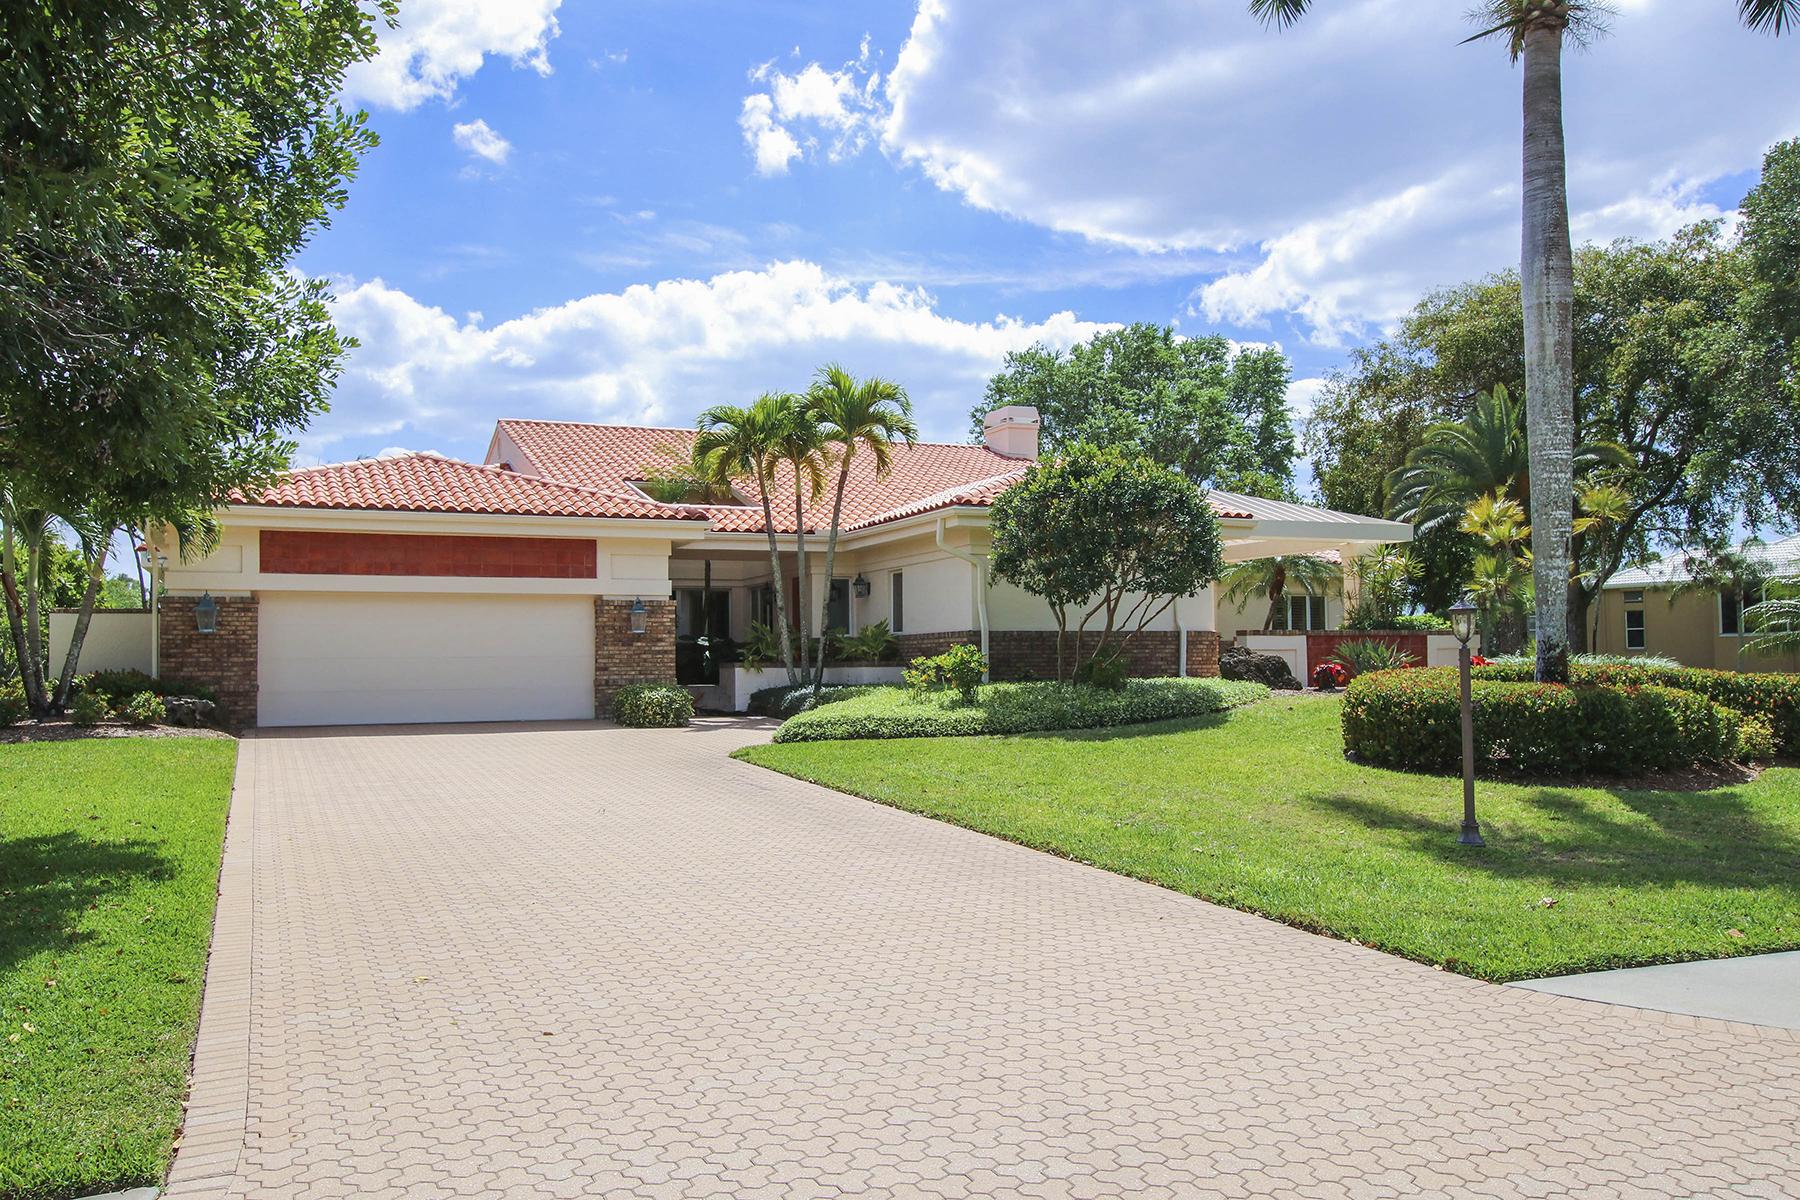 一戸建て のために 売買 アット THE FOREST - OAKS 16031 Forest Oaks Dr Fort Myers, フロリダ, 33908 アメリカ合衆国